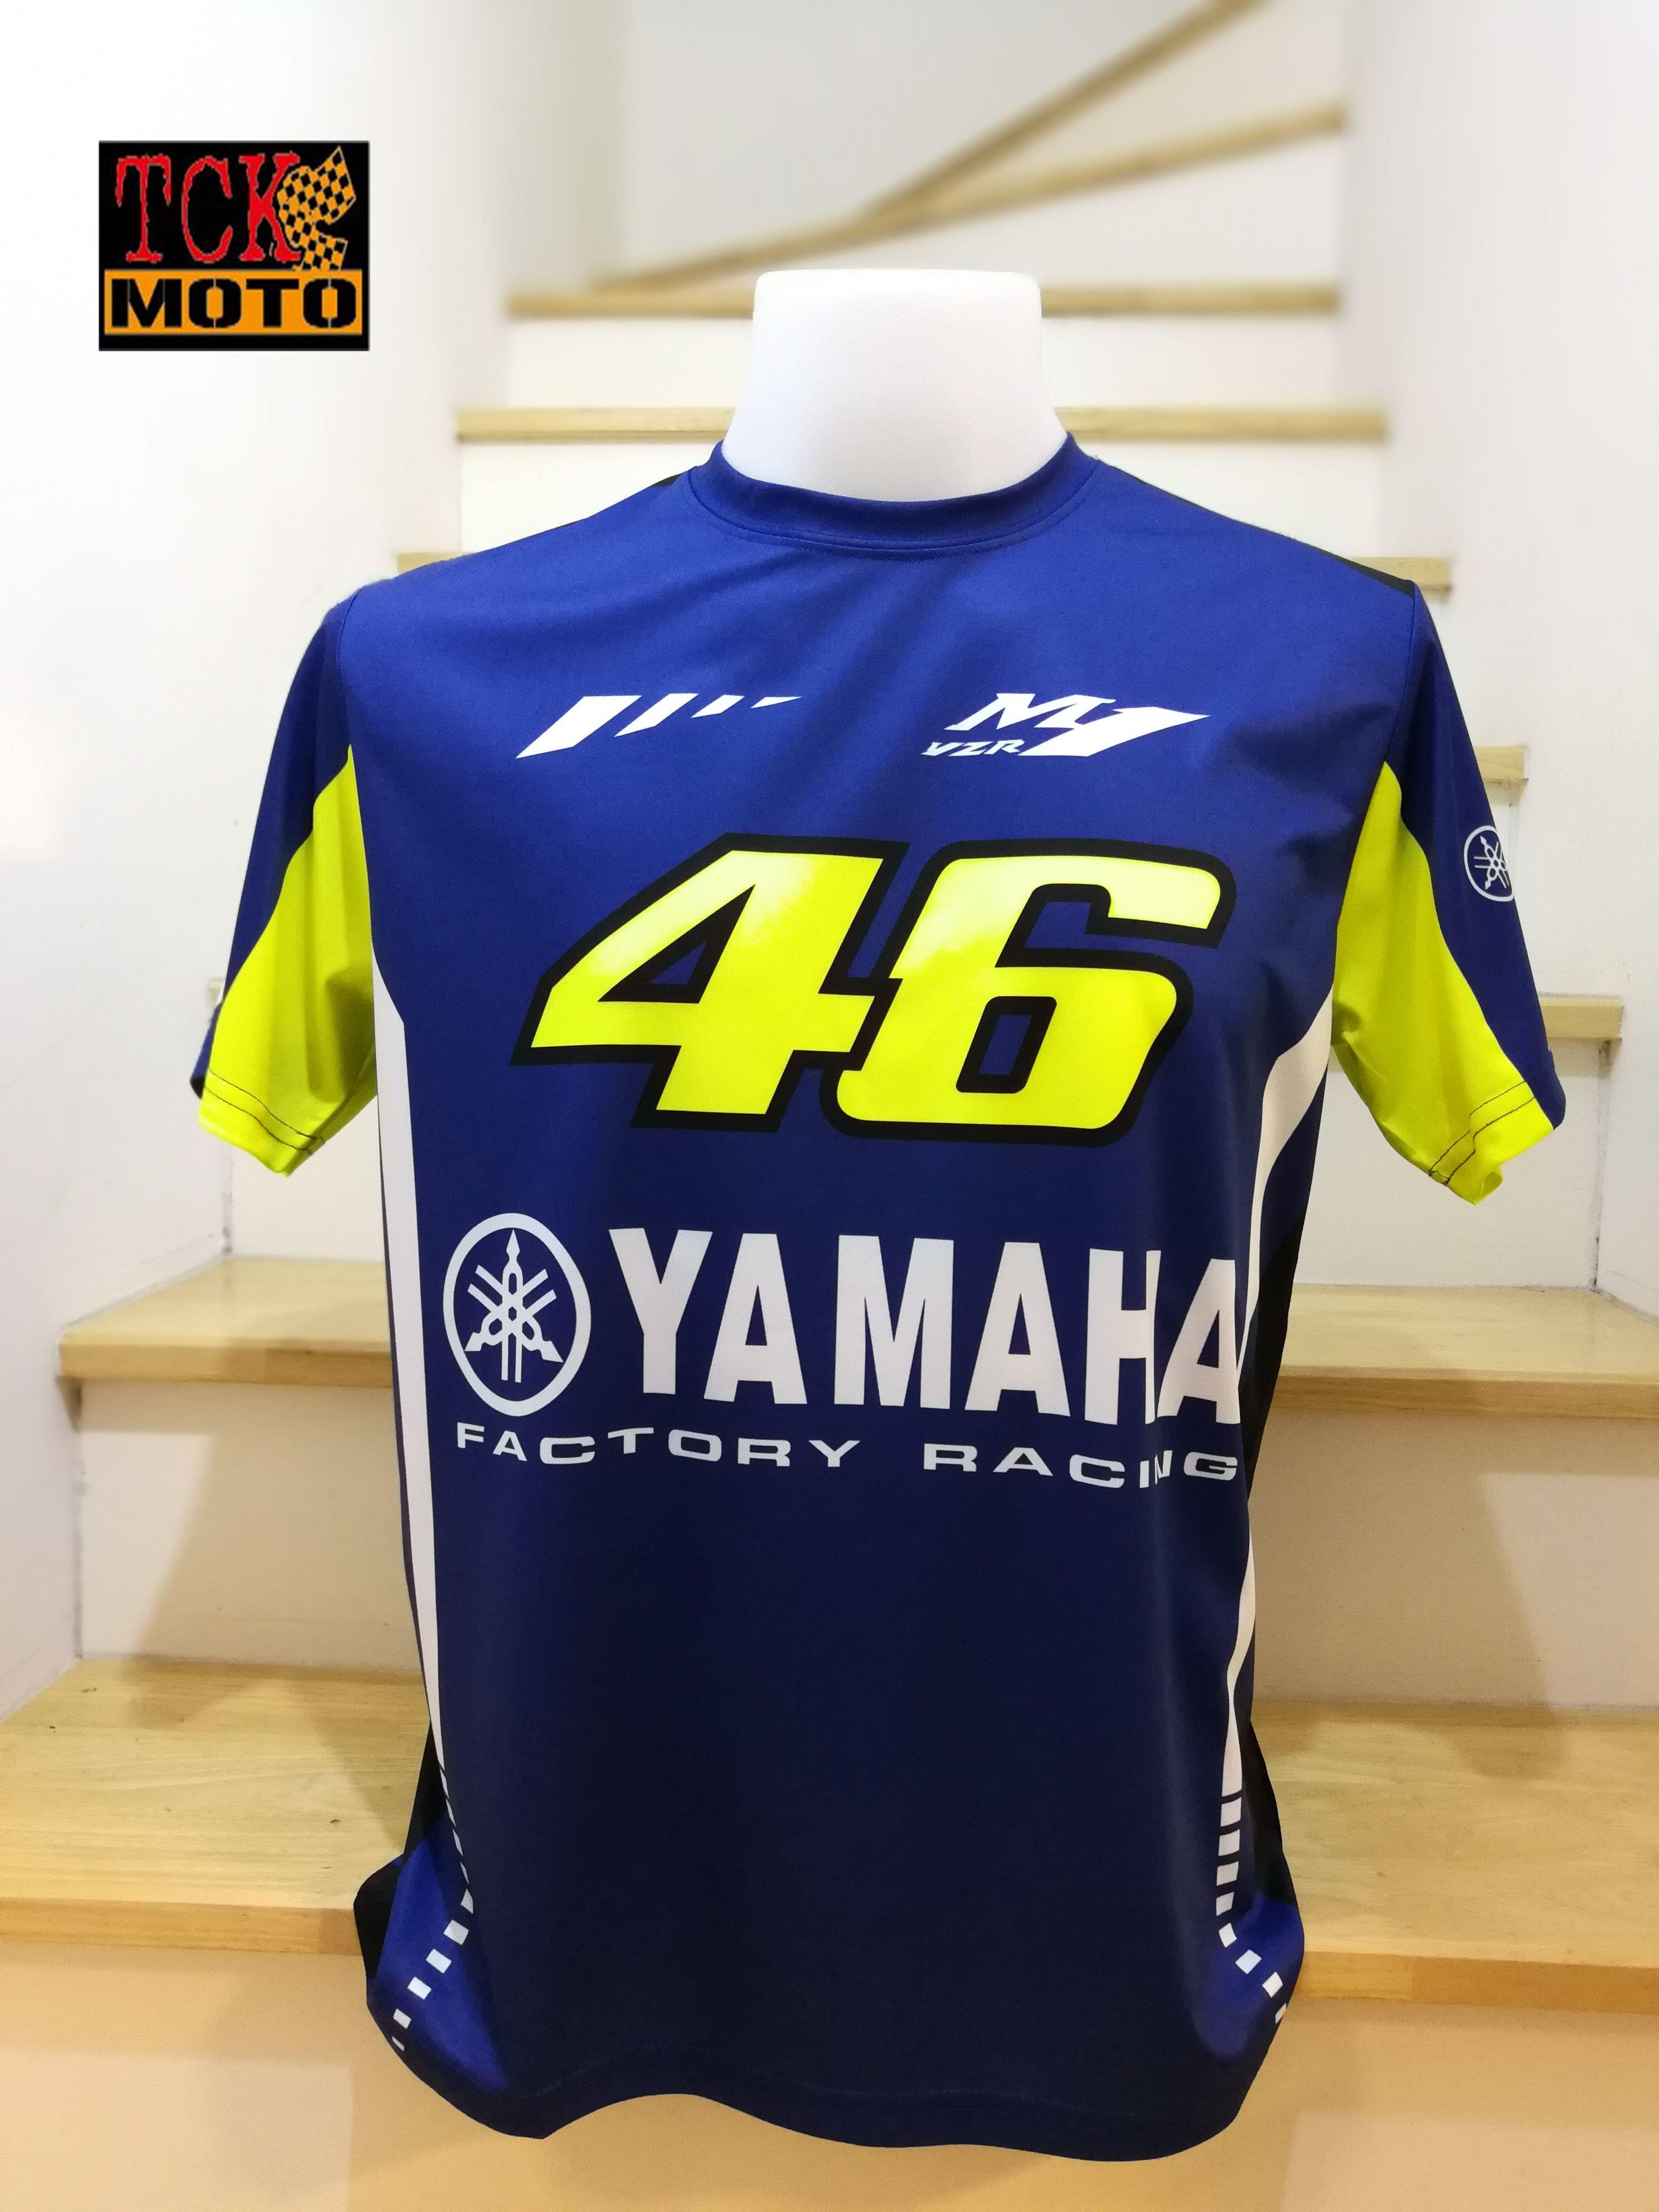 เสื้อยืด yamaha MotoGP 2018 ผ้าไมรโคร